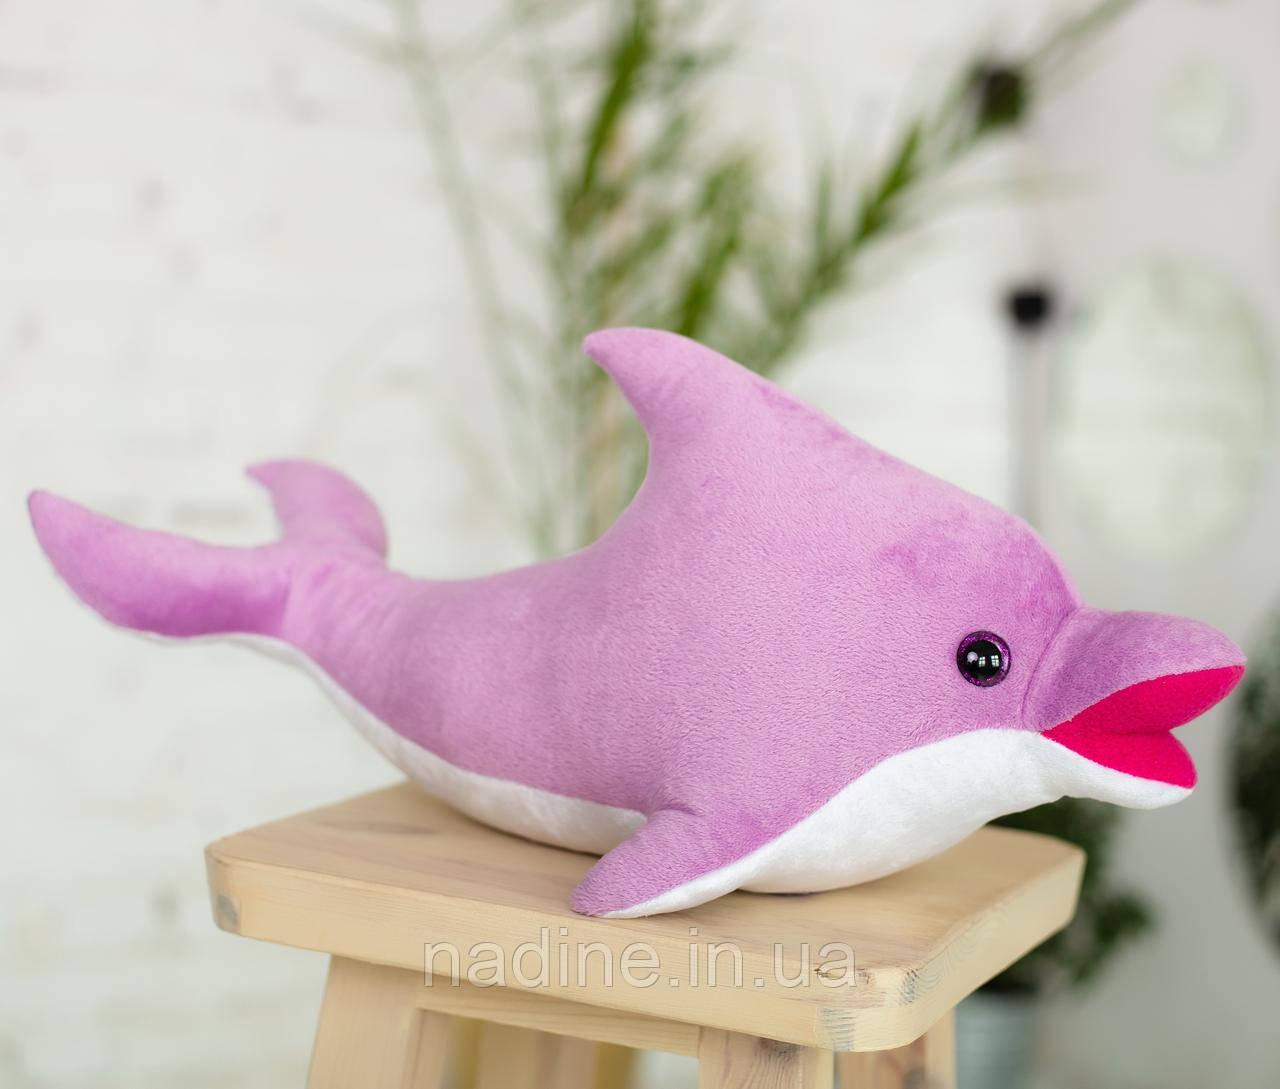 Дельфін іграшка Eirena Nadine (312-L-50) плюшевий 50 см ліловий